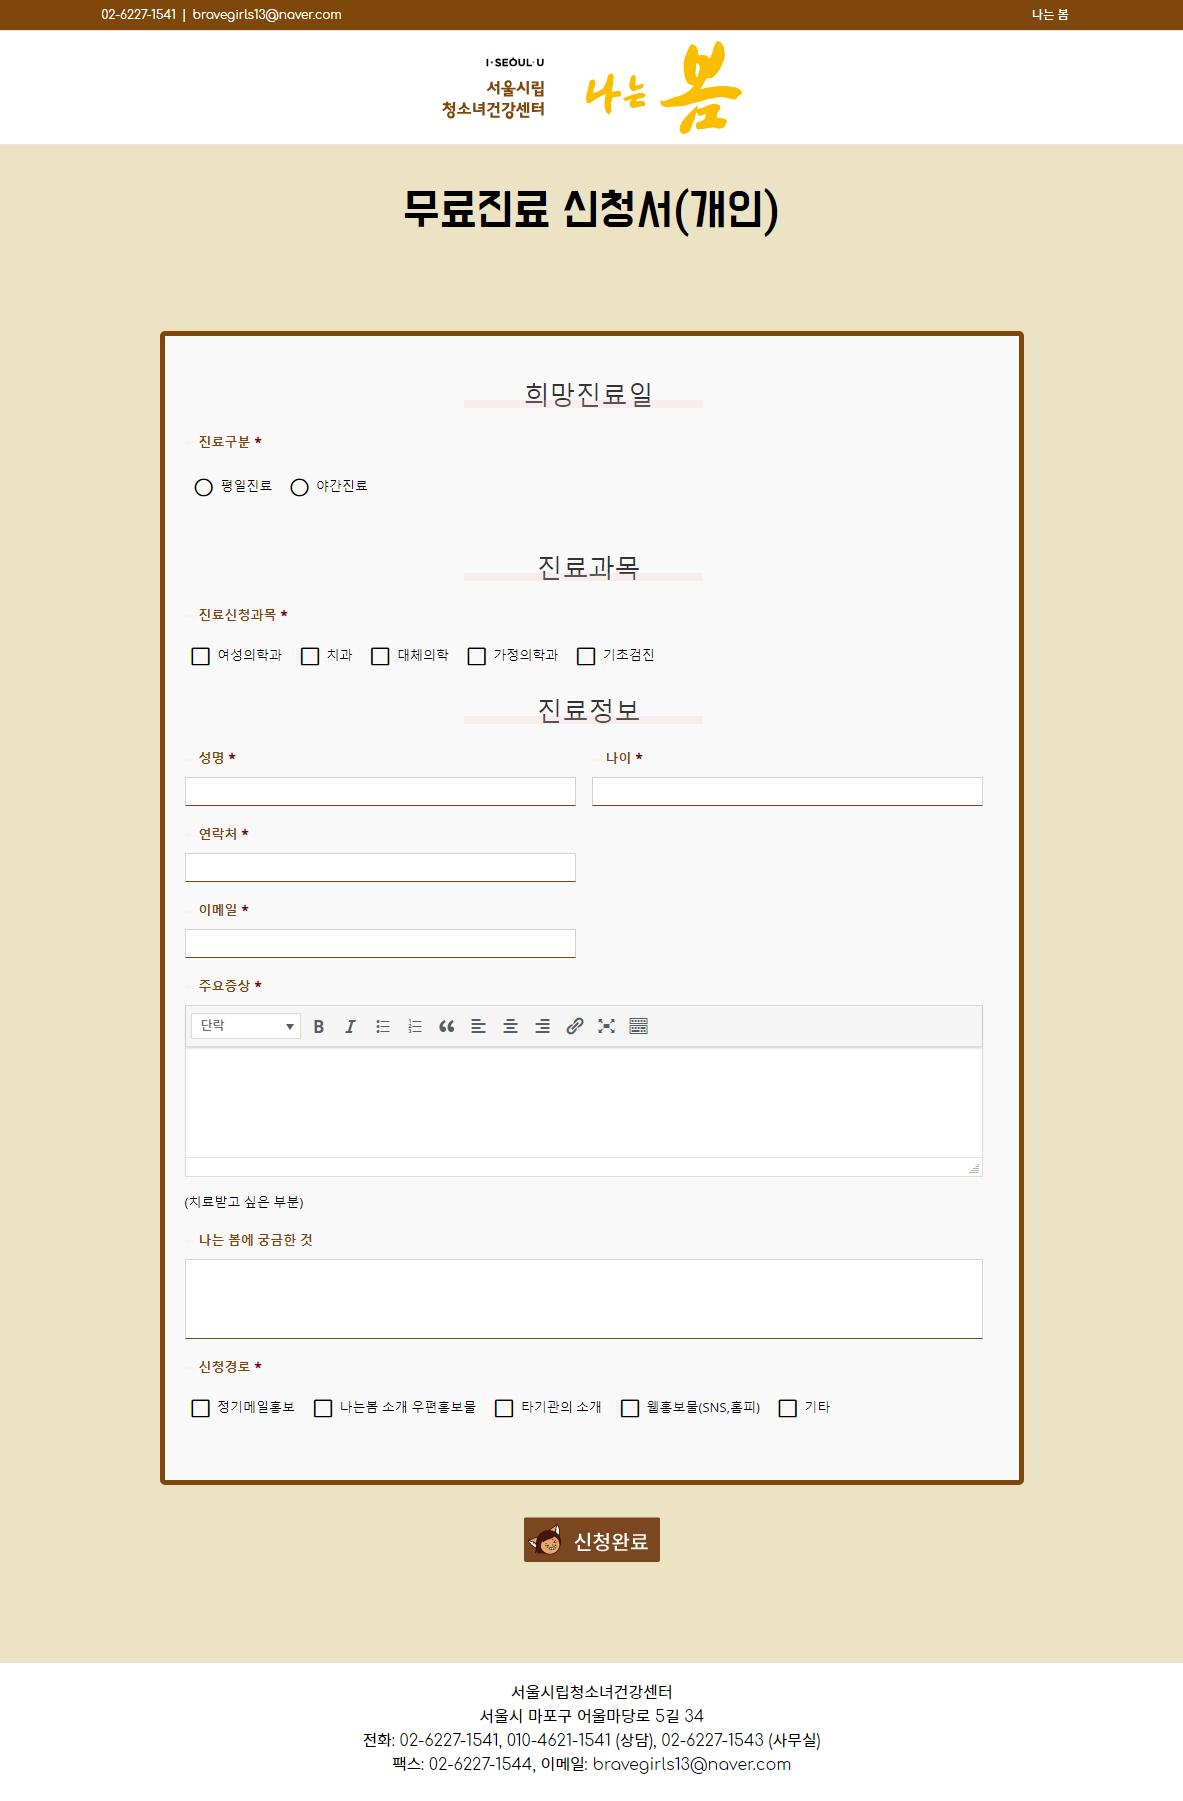 무료진료 신청서 개인 – 서울시청소녀건강센터 신청서